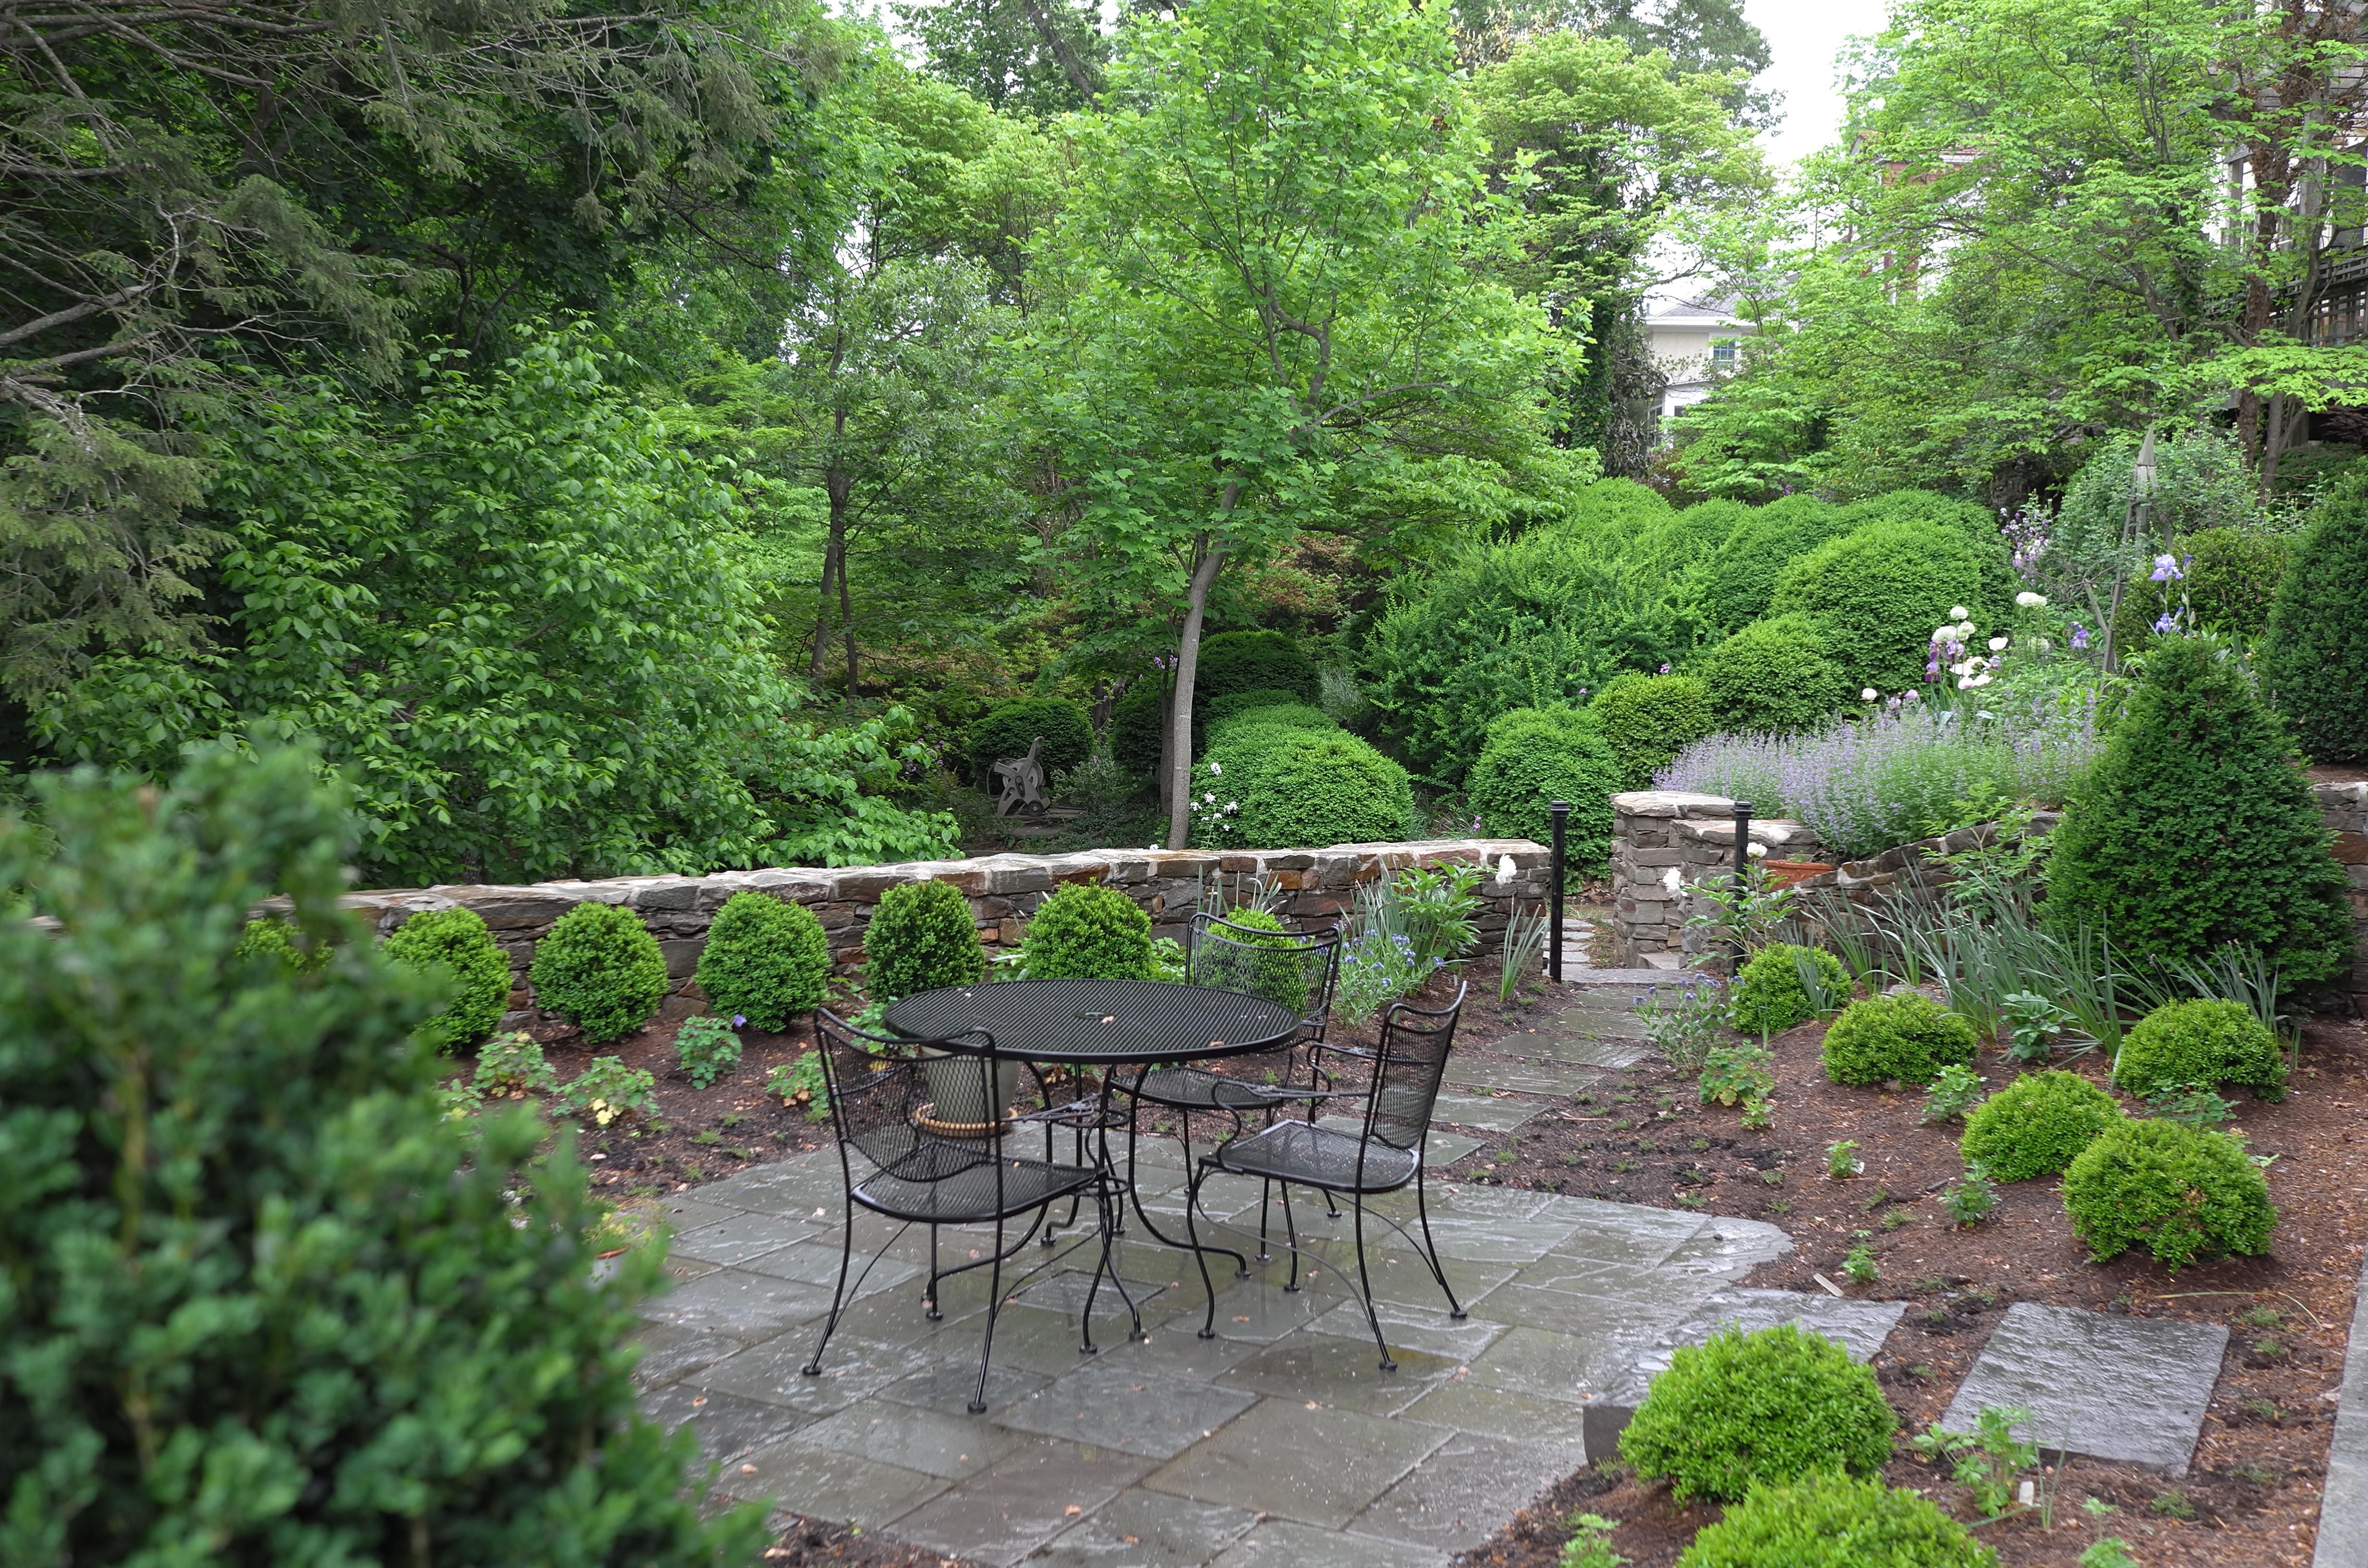 Stewarts garden terrace